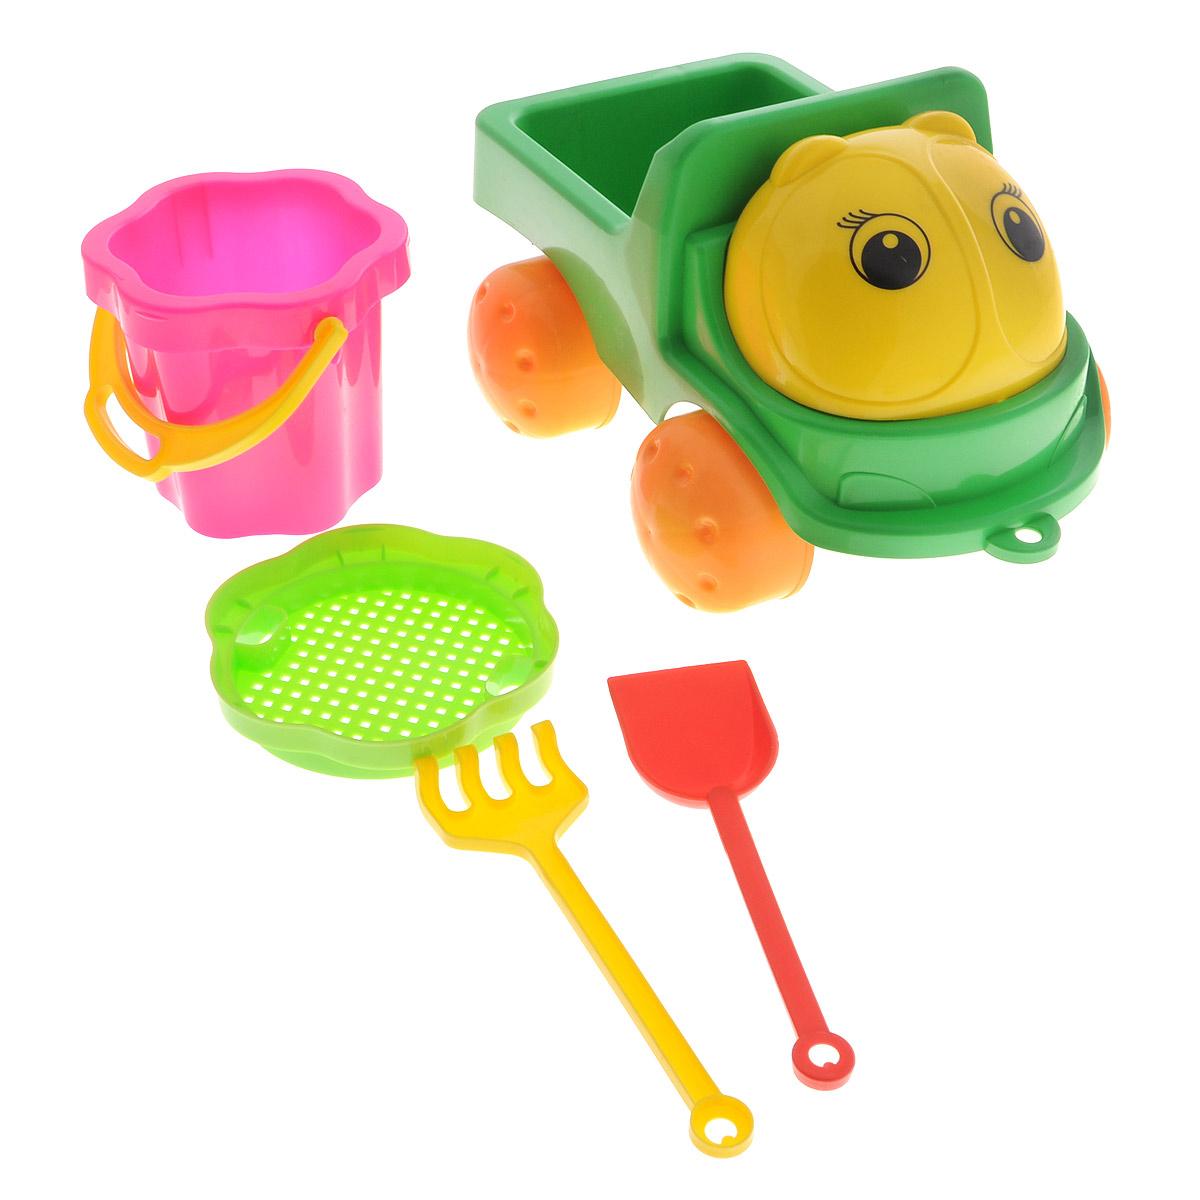 Яркие грузовик и набор для песка, изготовленные из полипропилена, доставят много радости вашему ребенку. Грузовик снабжен вместительным кузовом и колесиками со свободным ходом. К нему можно привязать шнурок и возить его за собой. На таком грузовике малыш сможет подвозить песок к игрушечной стройке. Набор включает в себя небольшое ведерко с ручкой, сито, лопатку и грабельки. Порадуйте вашего малыша таким замечательным подарком!